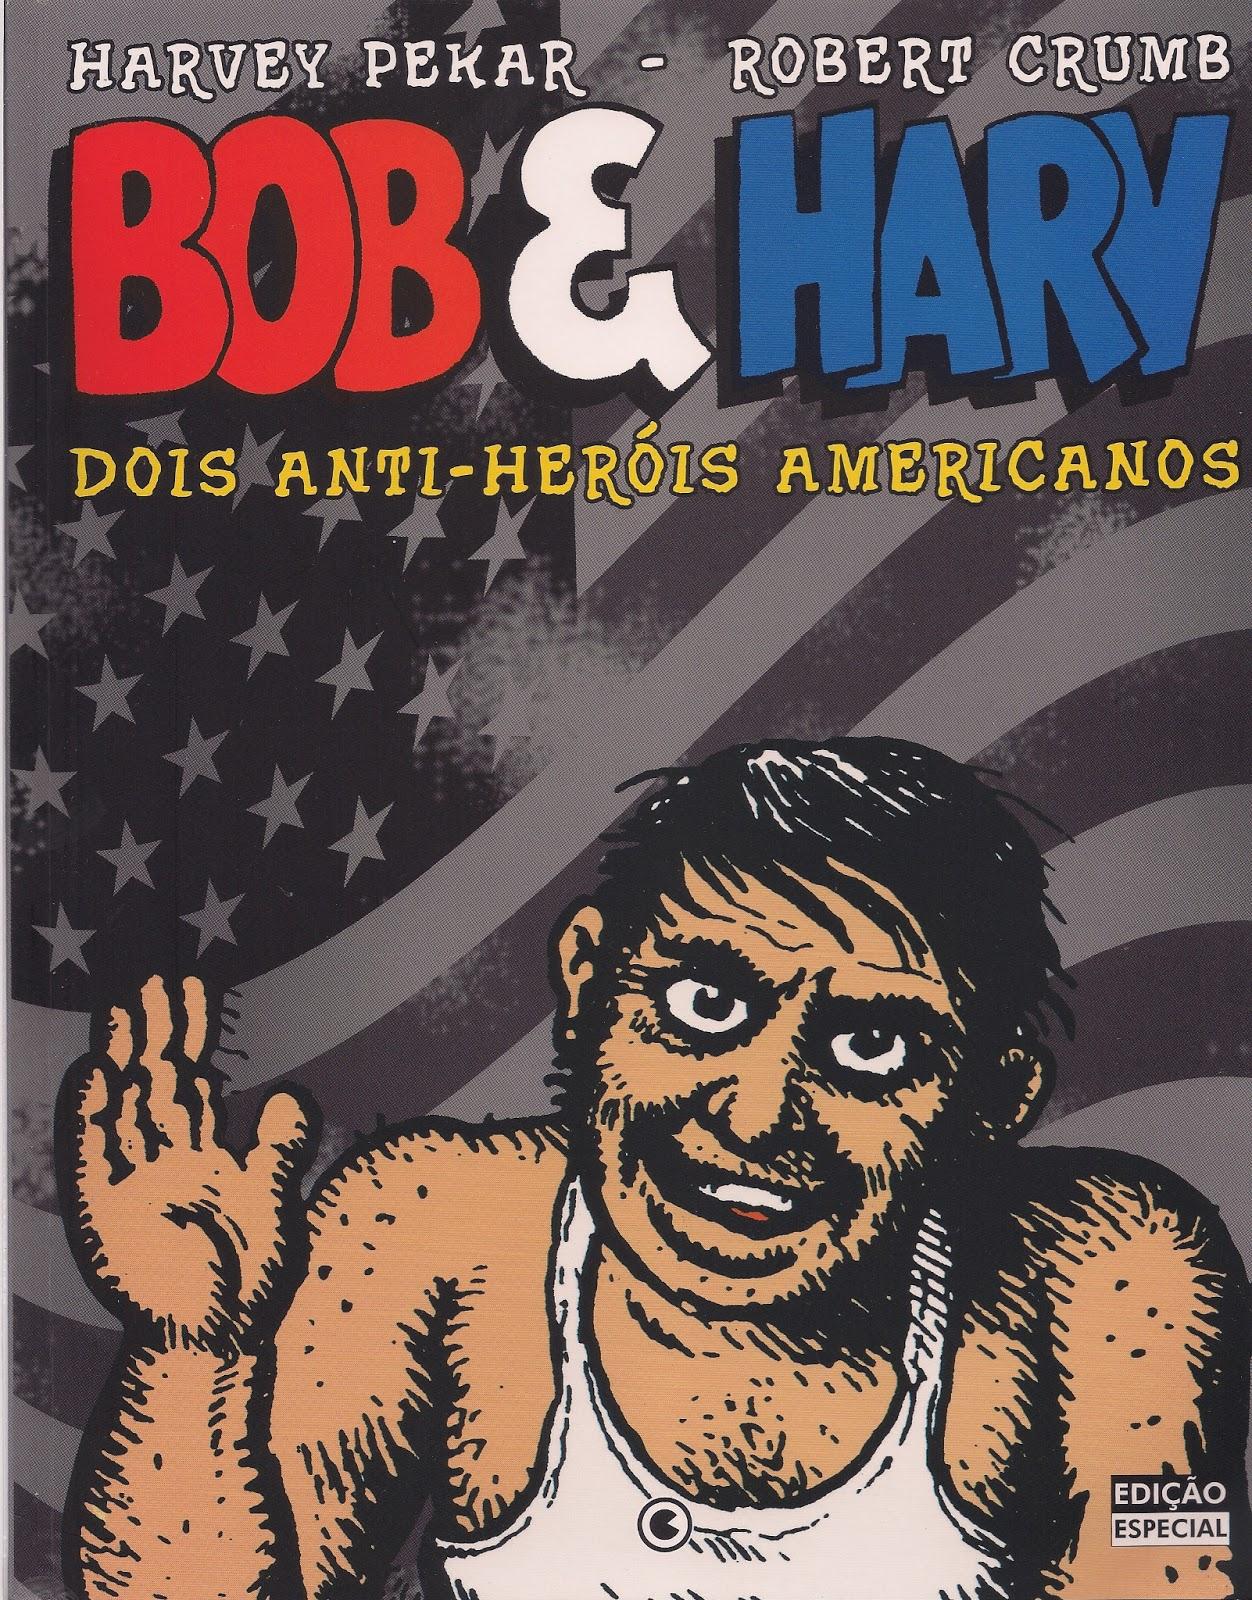 tr8-Bob & Harv.jpg